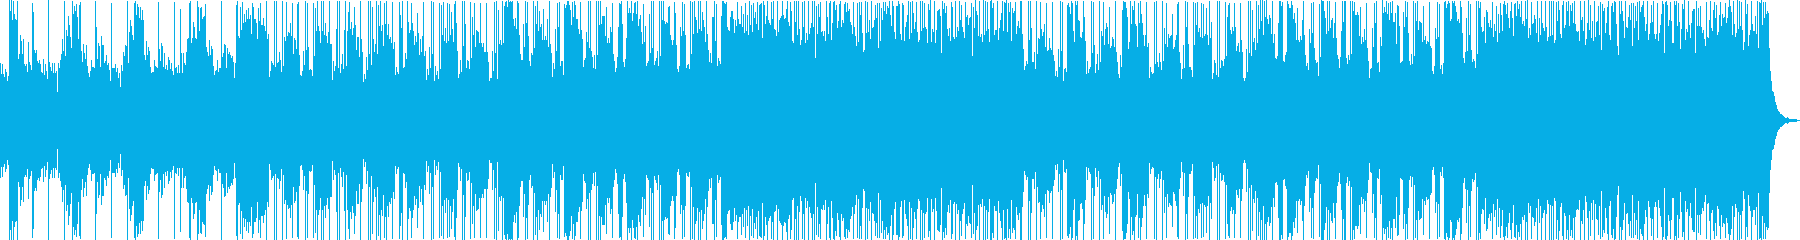 モダンでヘビーなバンドサウンドの再生済みの波形